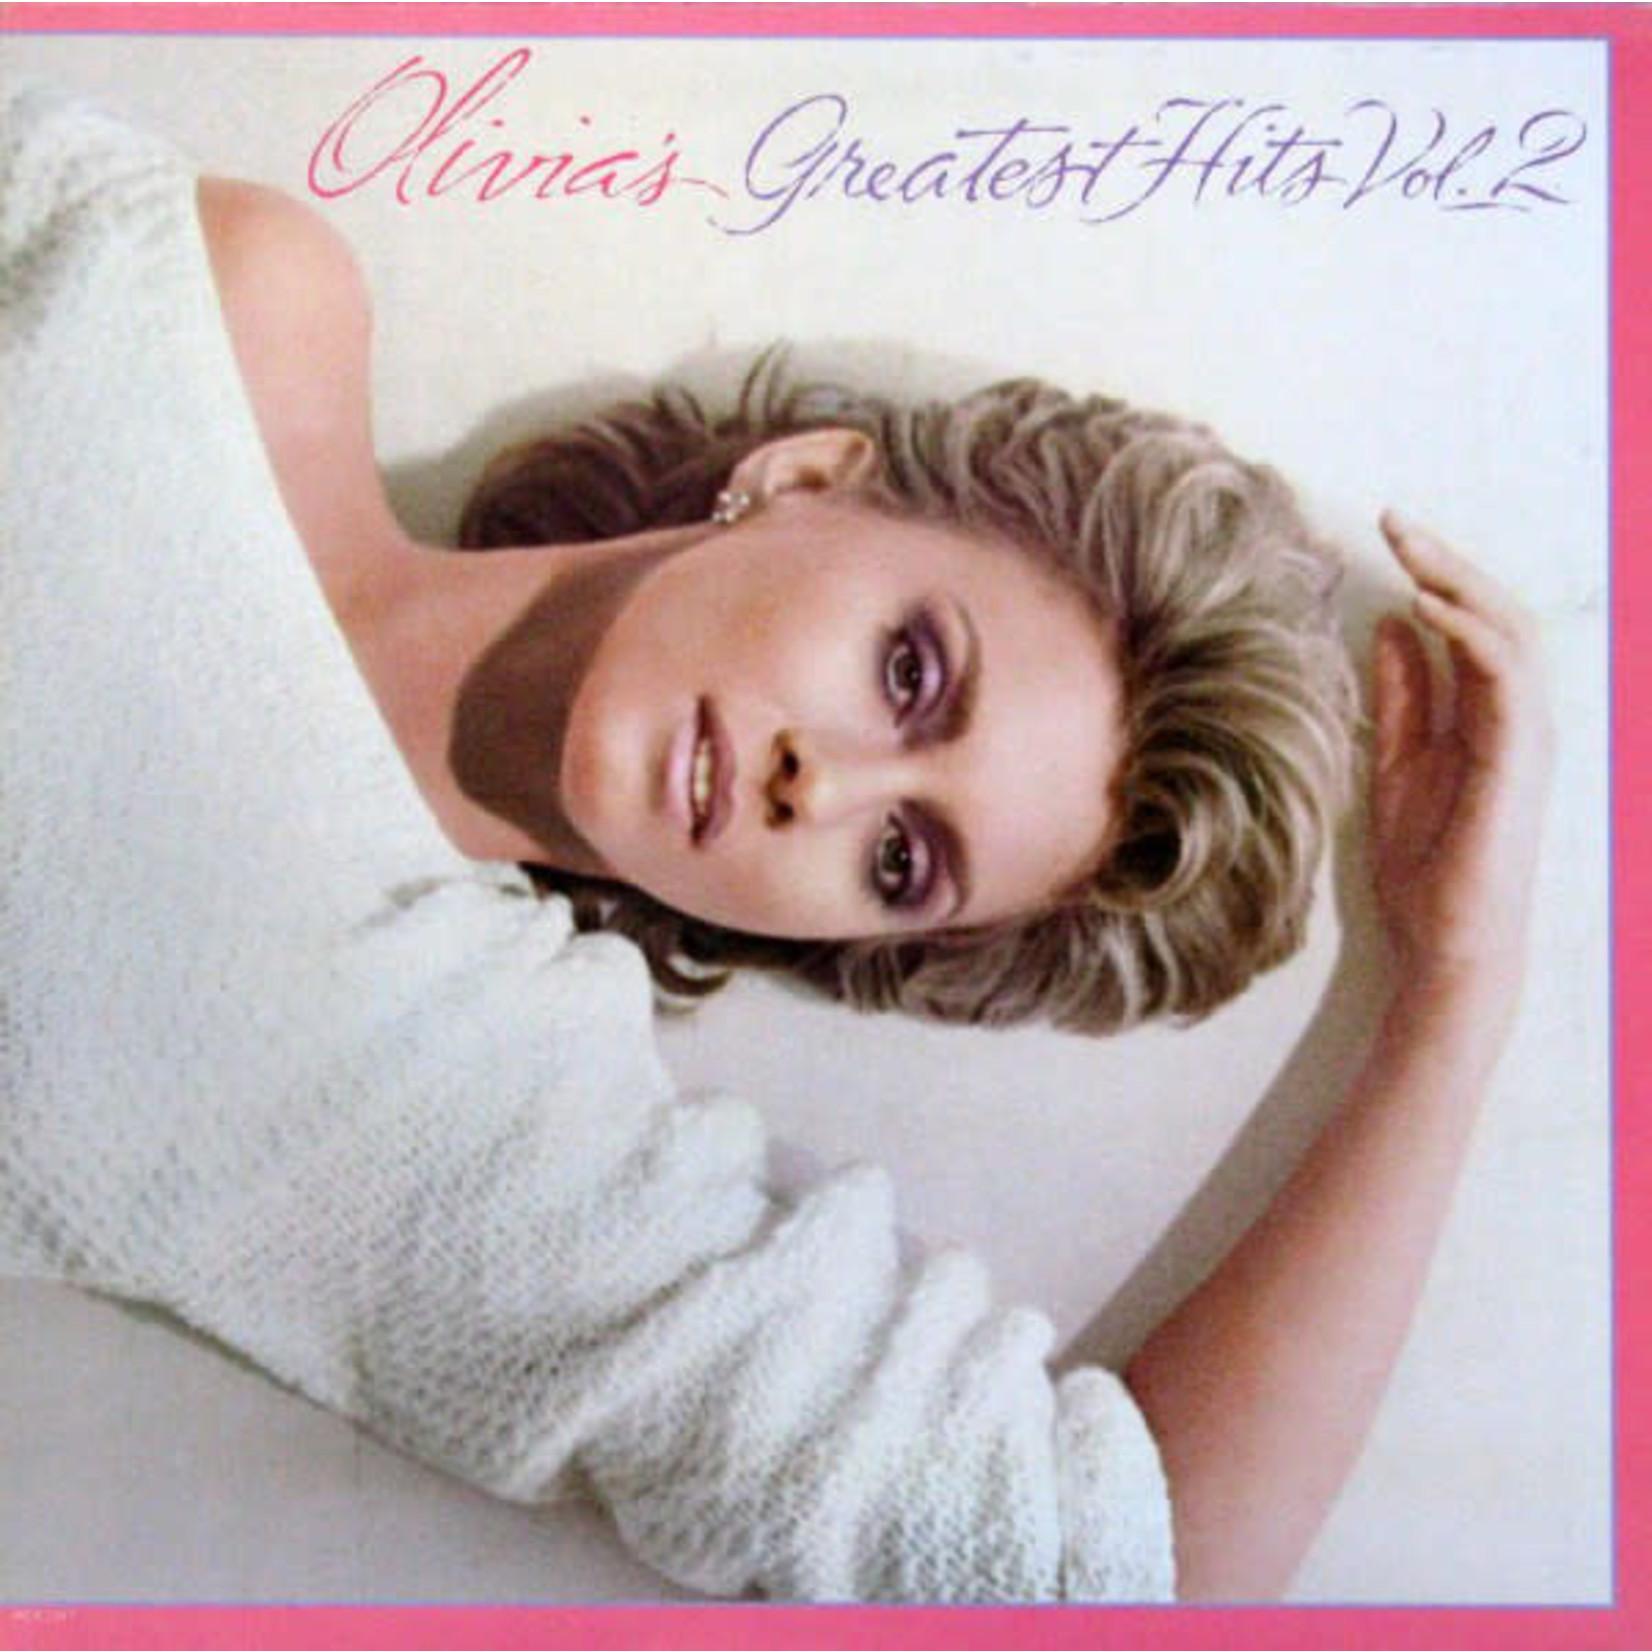 [Vintage] Newton-John, Olivia: Greatest Hits Vol. 2